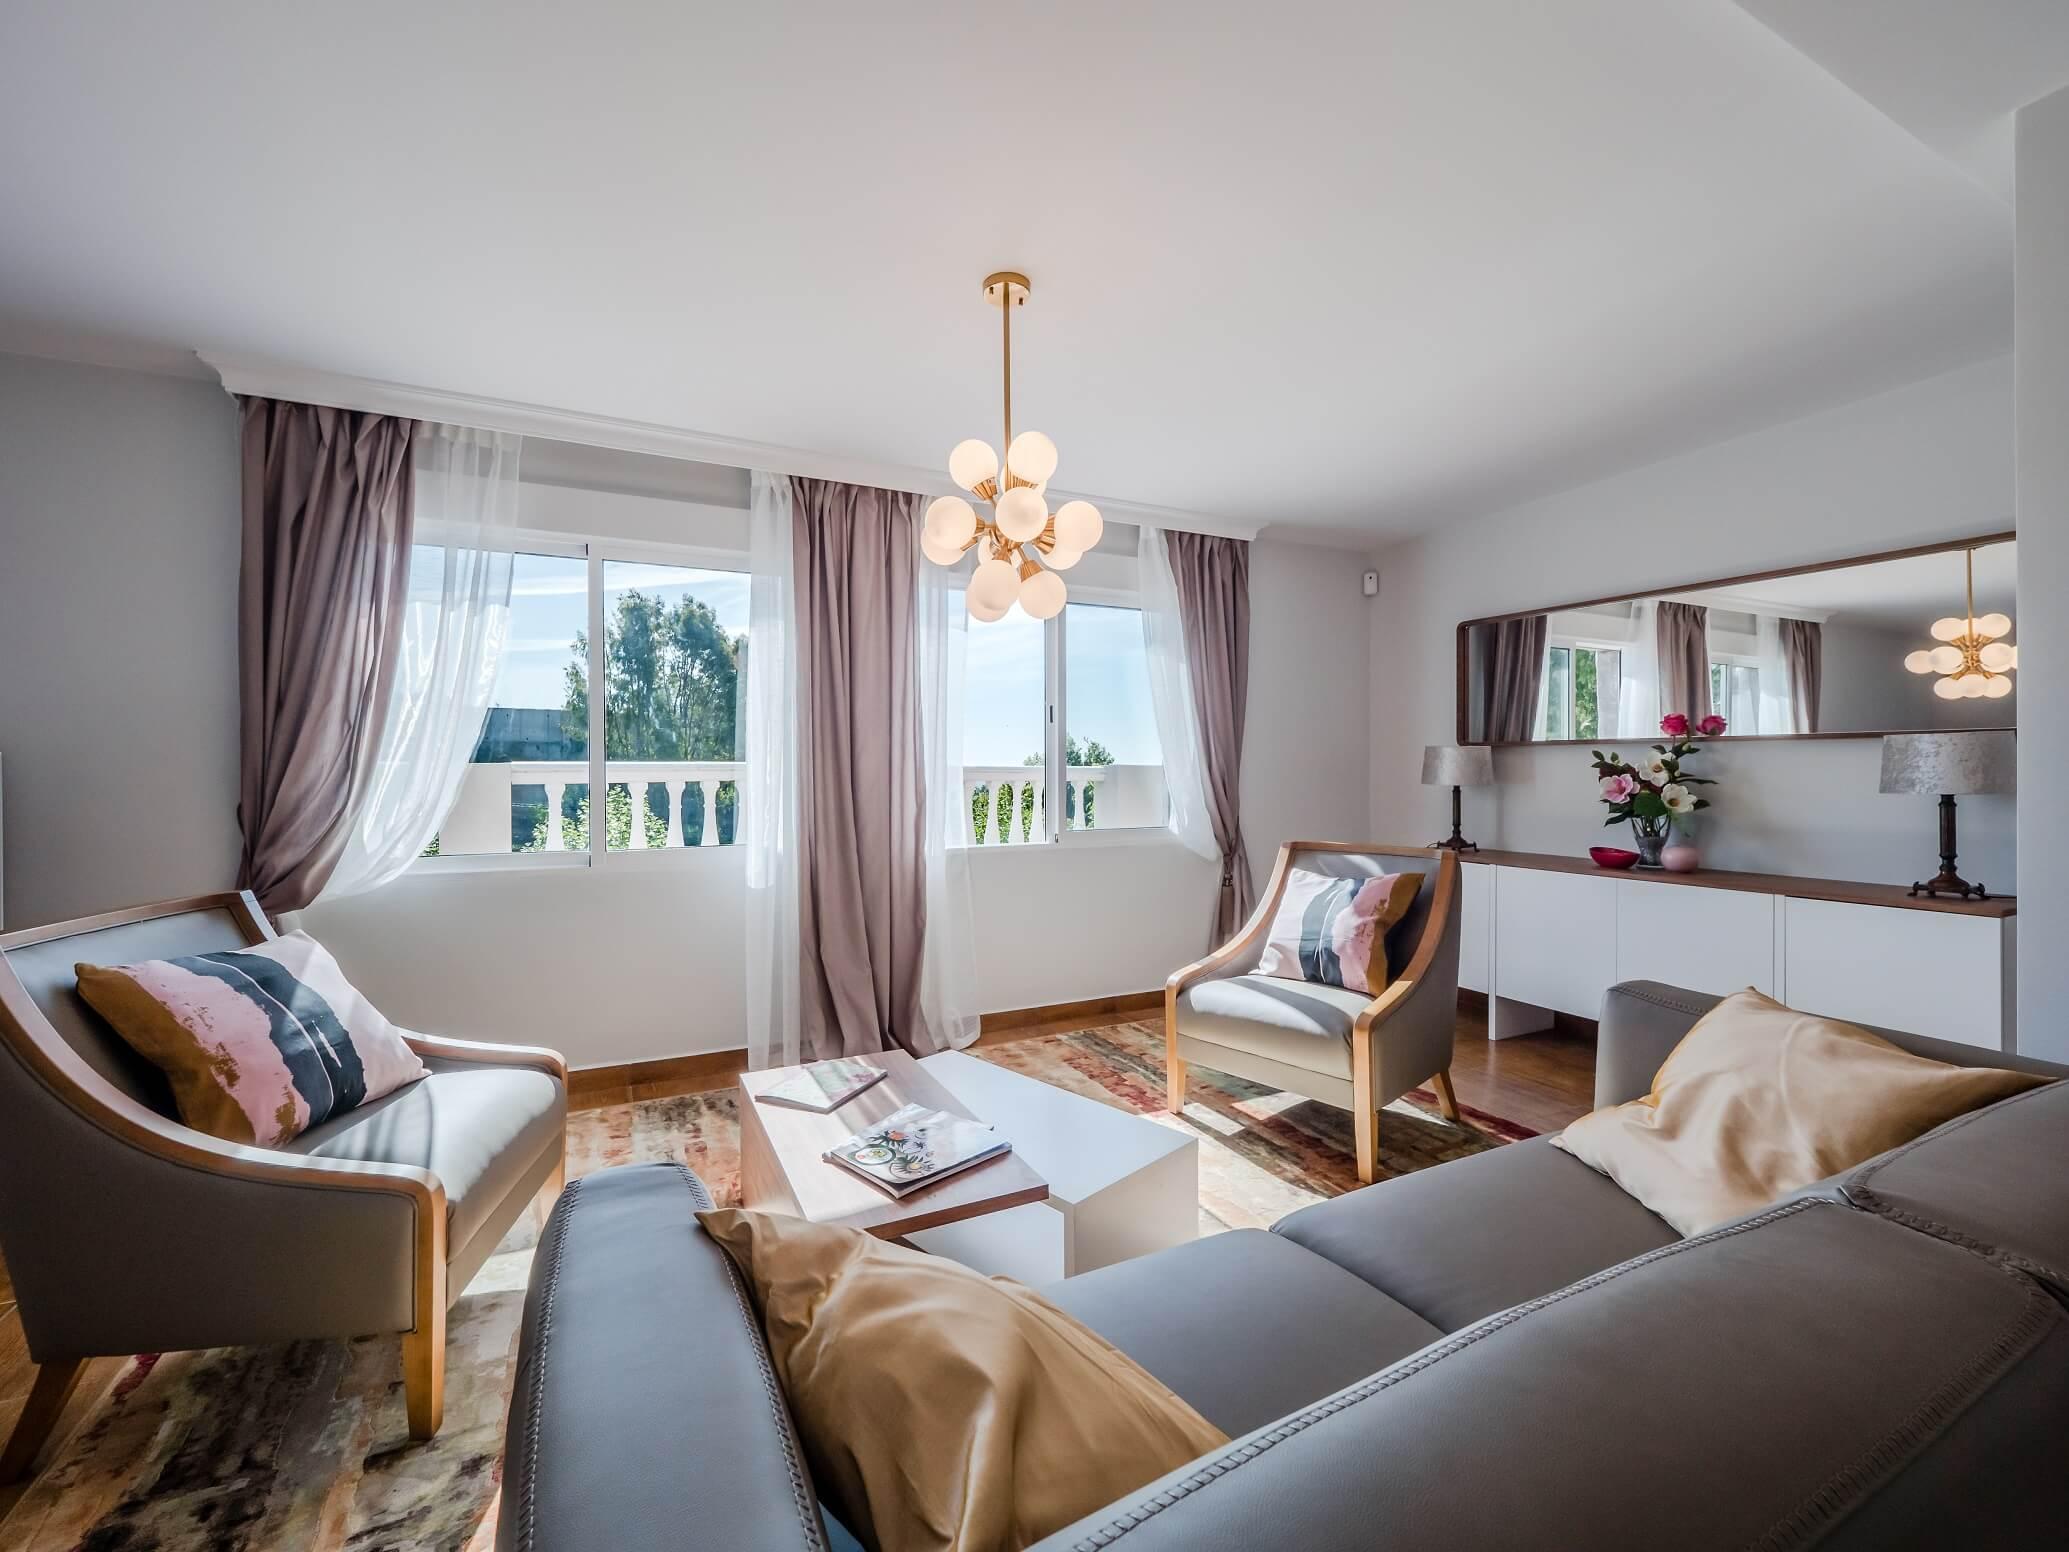 """Дизайн интерьера дома в Марбелья сделан нашей студией интерьерного дизайна """"Tania Marbella Interior Design"""". Стиль интерьера: скандинавский."""